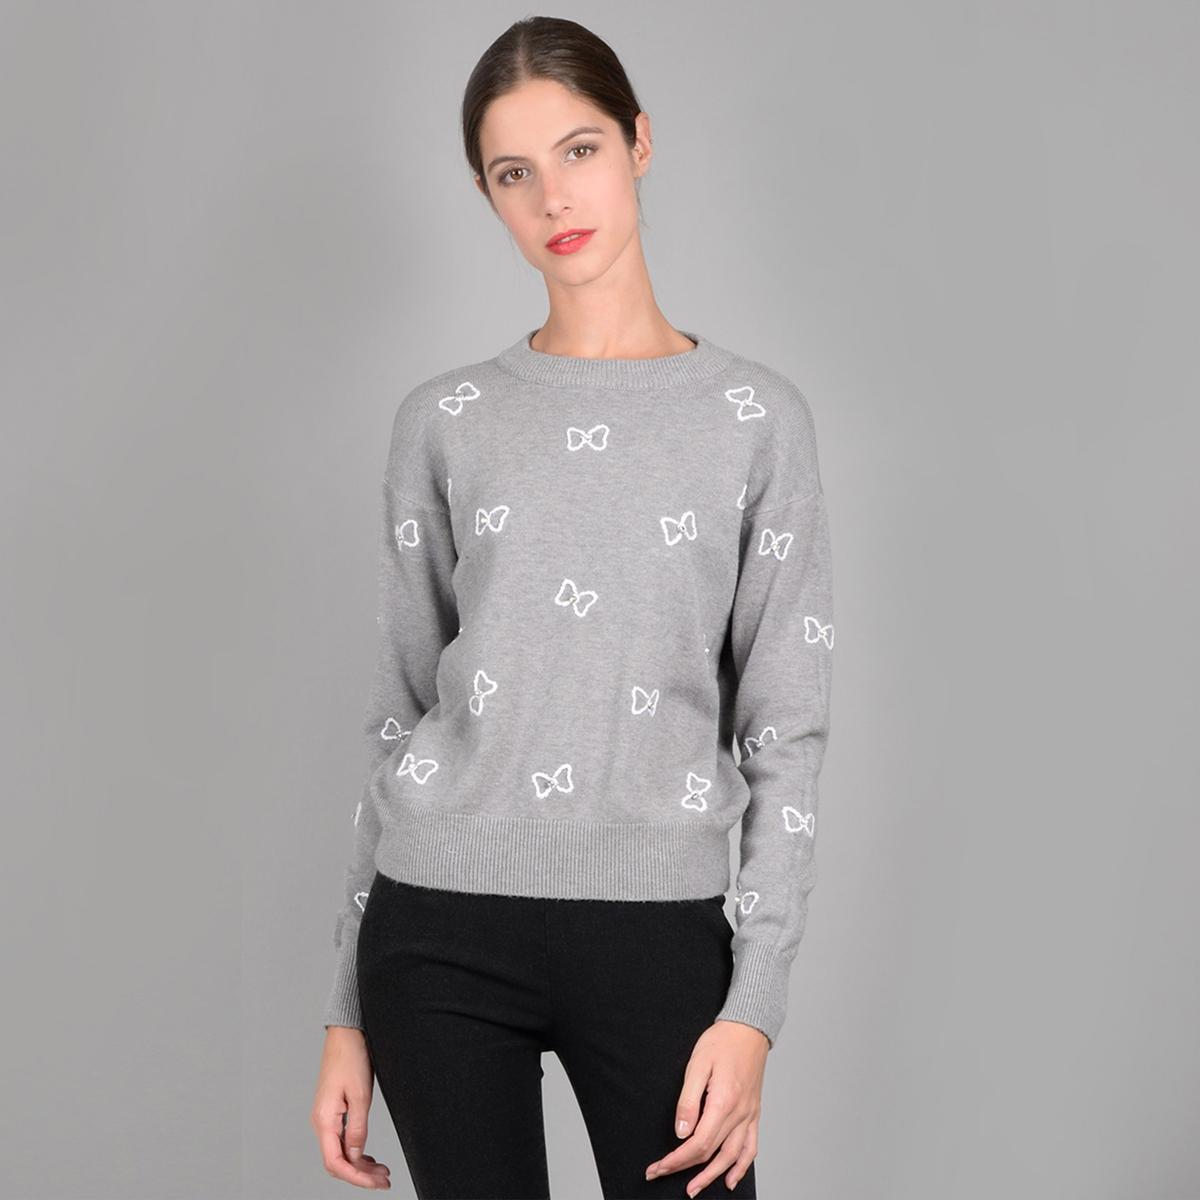 Пуловер с круглым вырезом, бантами с вышивкой и украшениями cazdzy короткое коктейльное платье с бантами